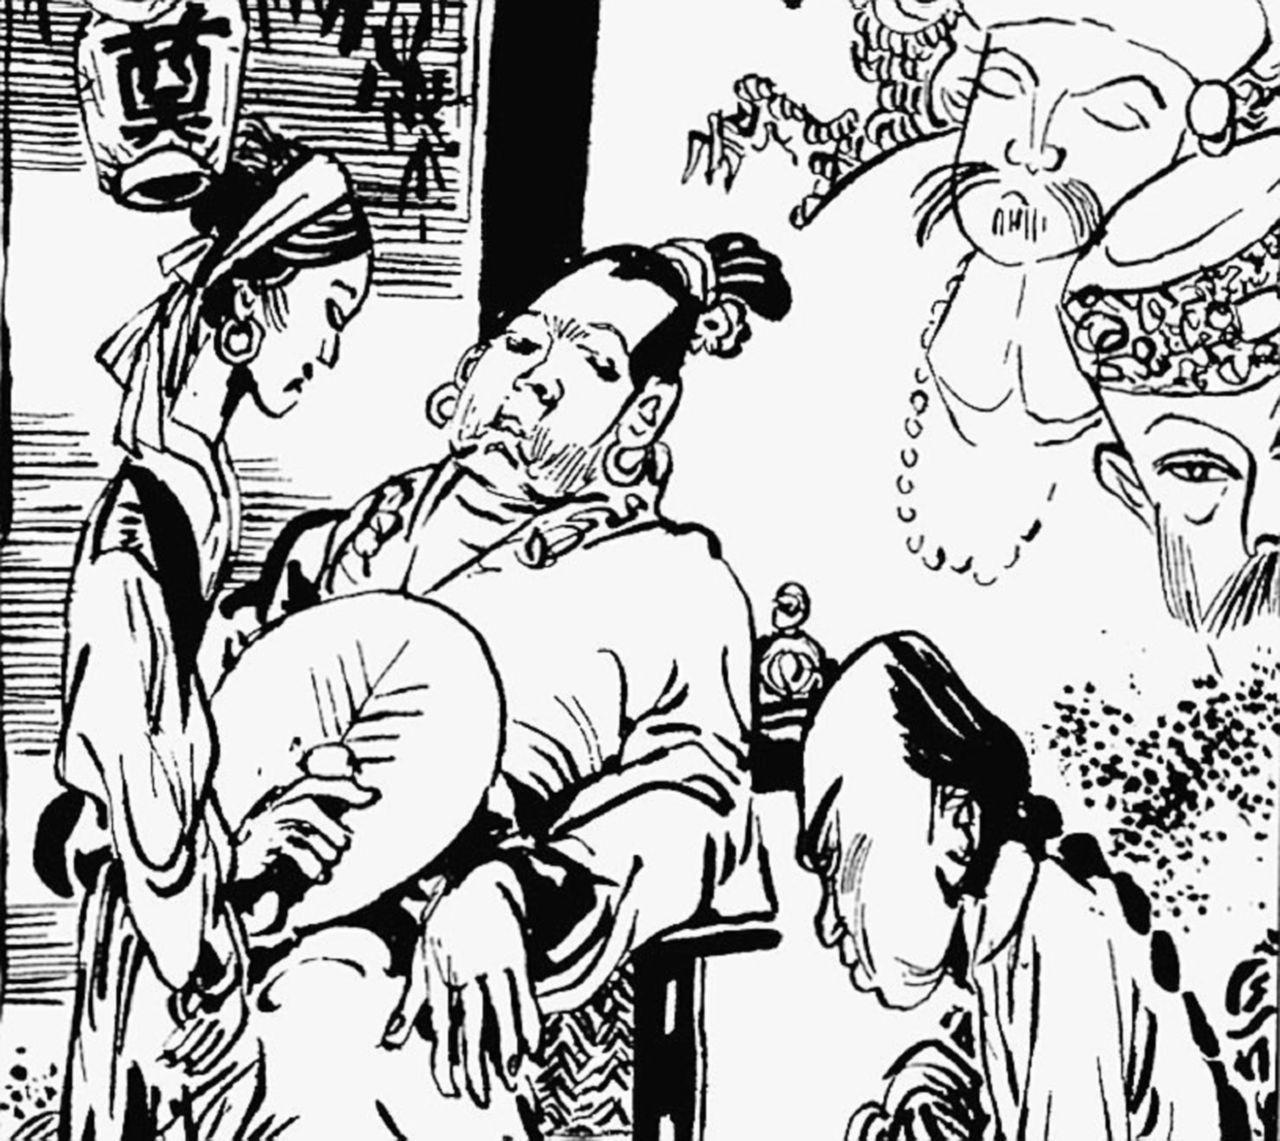 La rivoluzione non è un pranzo di gala, soprattutto nel fumetto di Li Kunwu